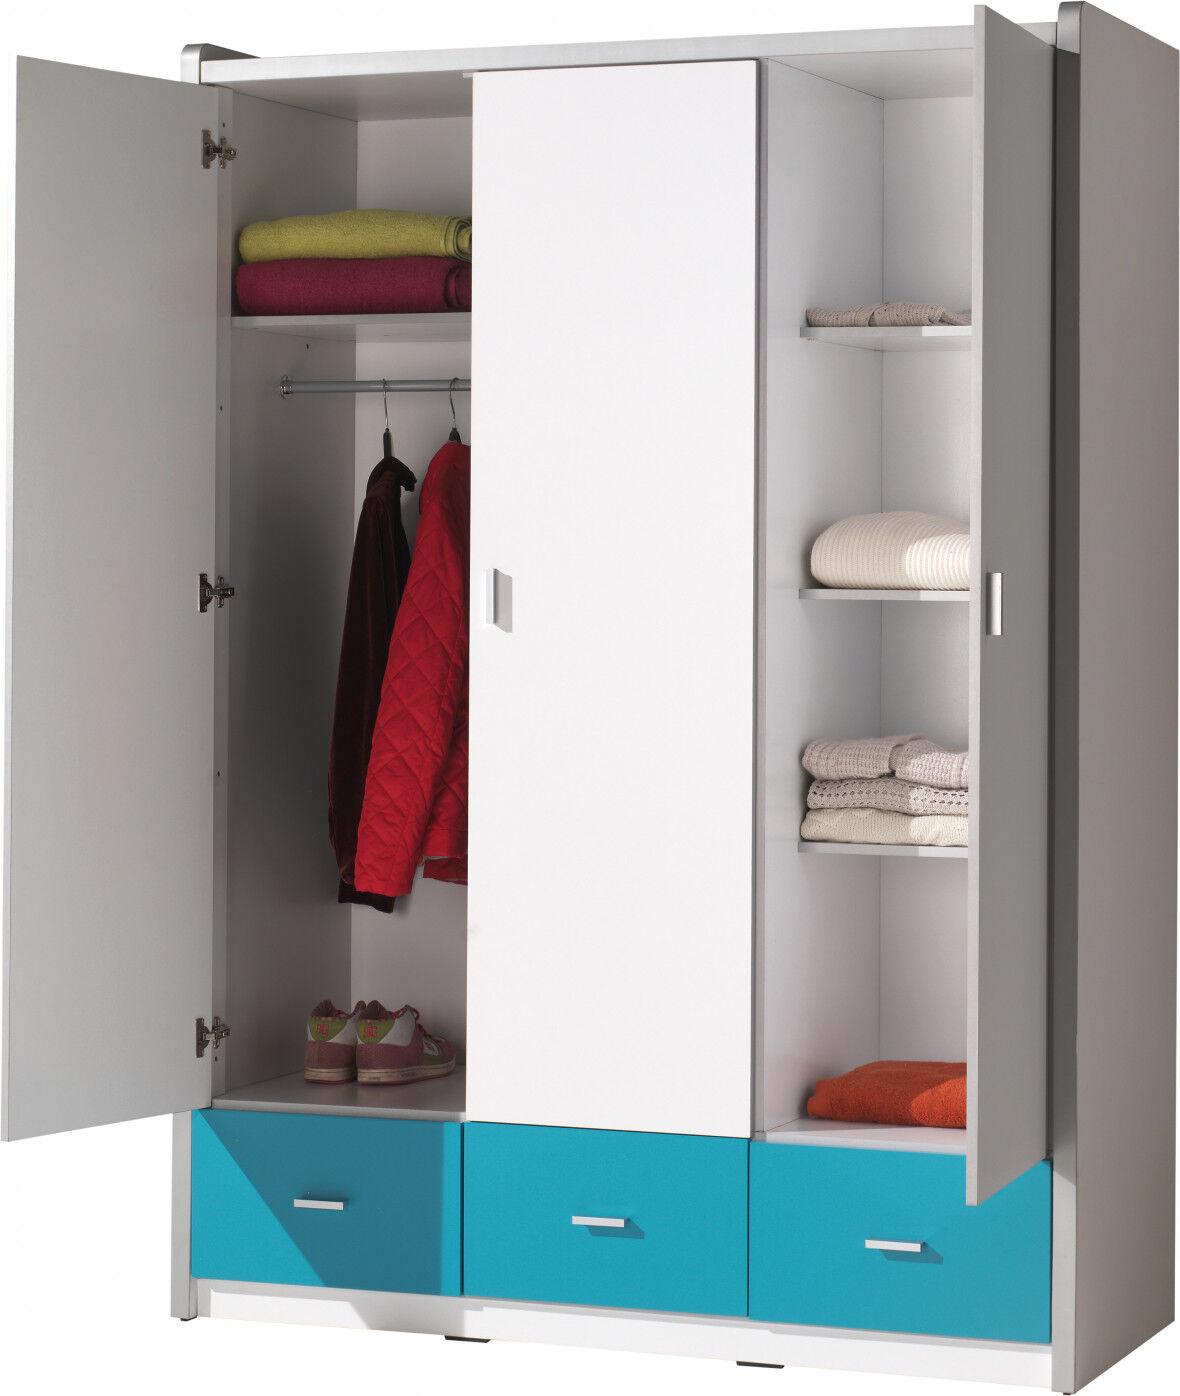 Armoire enfant laqué blanc et bleu 3 portes 3 tiroirs